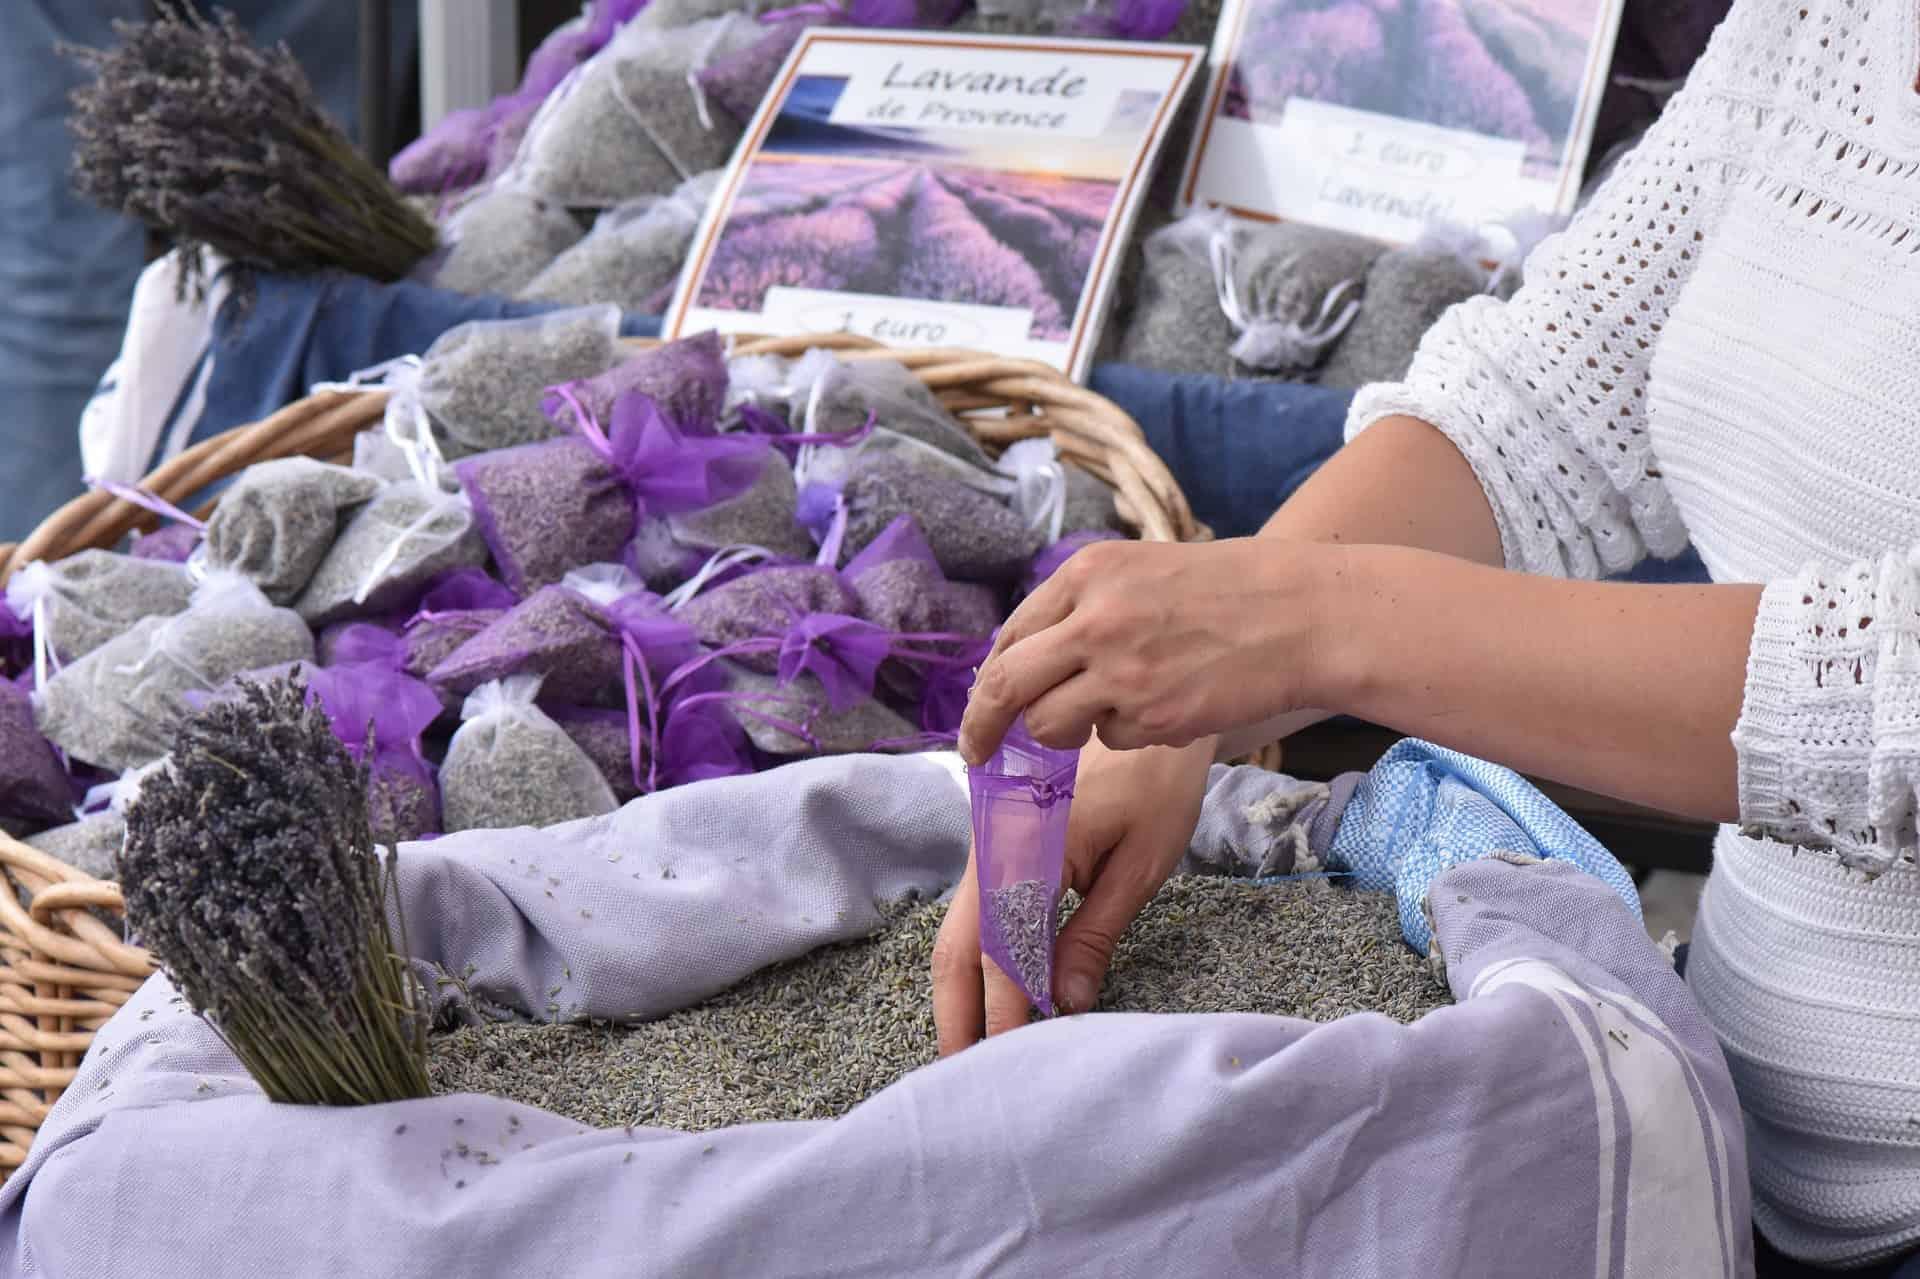 Lavendel marked i Provence, Lavendel i Provence, Aix-en-Provence, romantisk tur til Provence, ting å gjøre i Provence, langhelg i Provence, weekendtur til Provence, ferie i Provence, ting å gjøre i Provence, lavendel i Provence